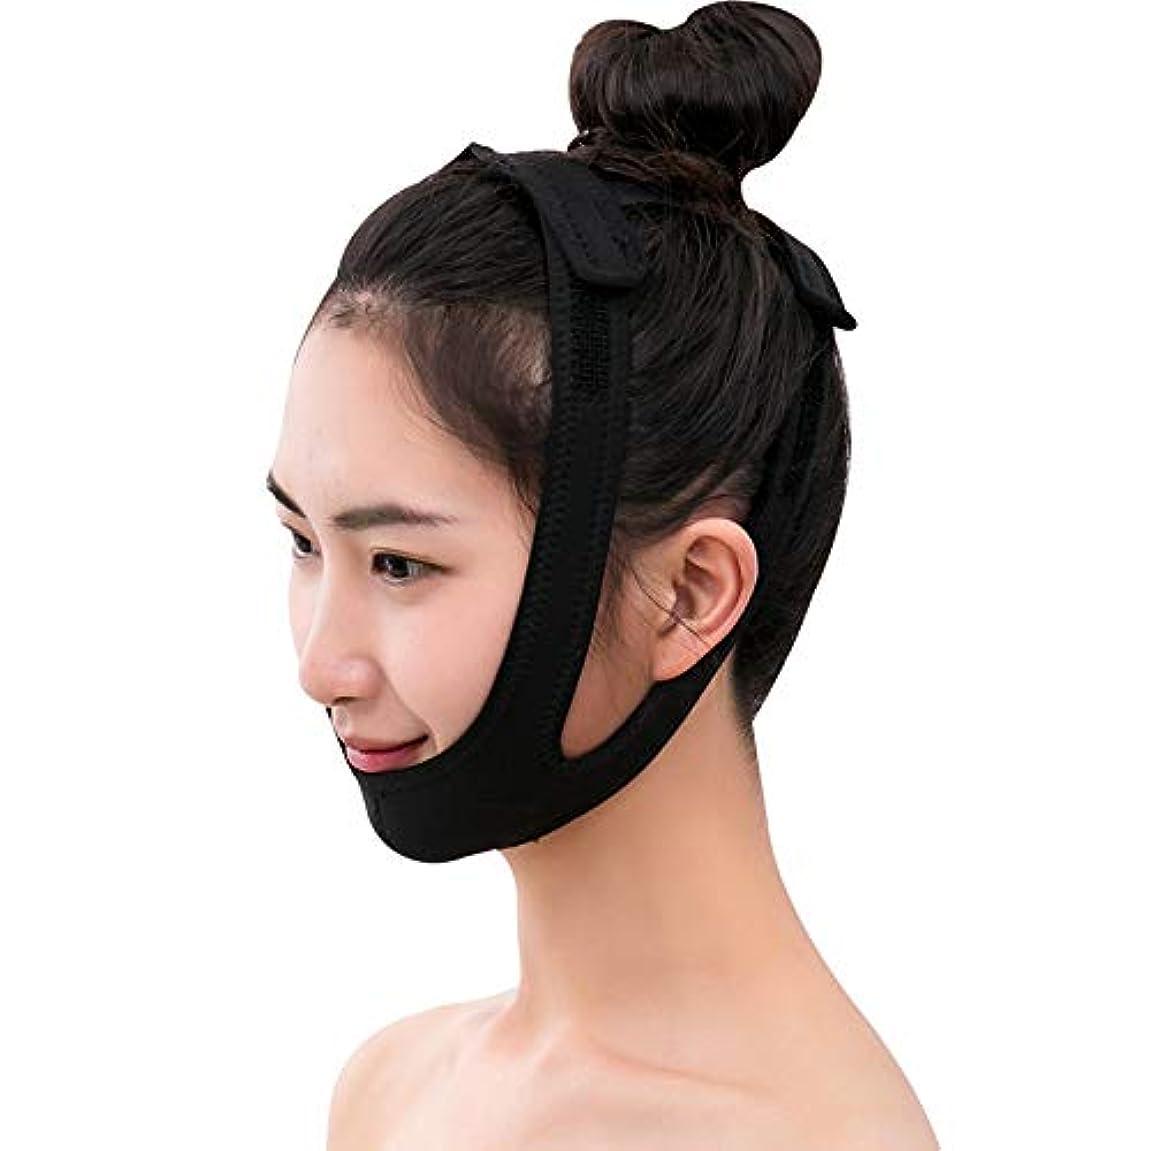 列挙する肉腫交通渋滞Jia Jia- フェイシャルリフティング痩身ベルト圧縮二重あご減量ベルトスキンケア薄い顔包帯二重あごワークアウト 顔面包帯